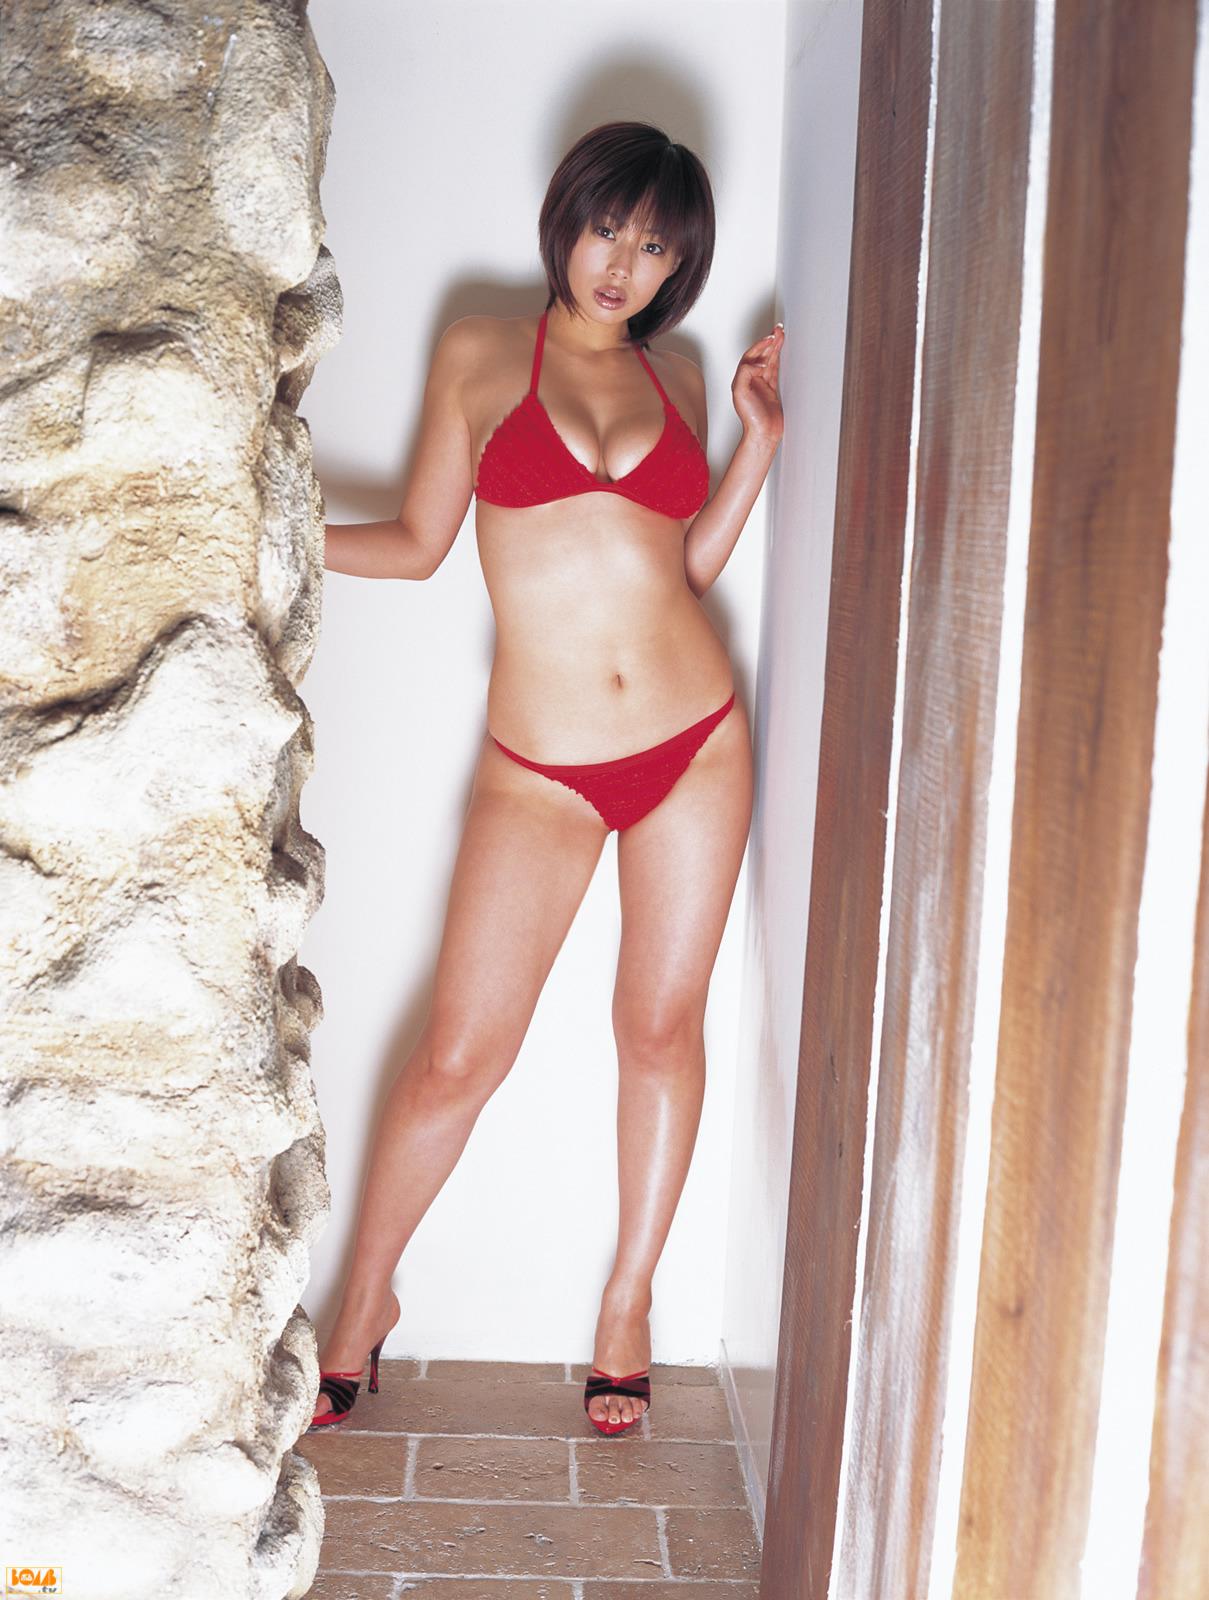 Waka Inoue (b. 1980) Waka Inoue (b. 1980) new picture